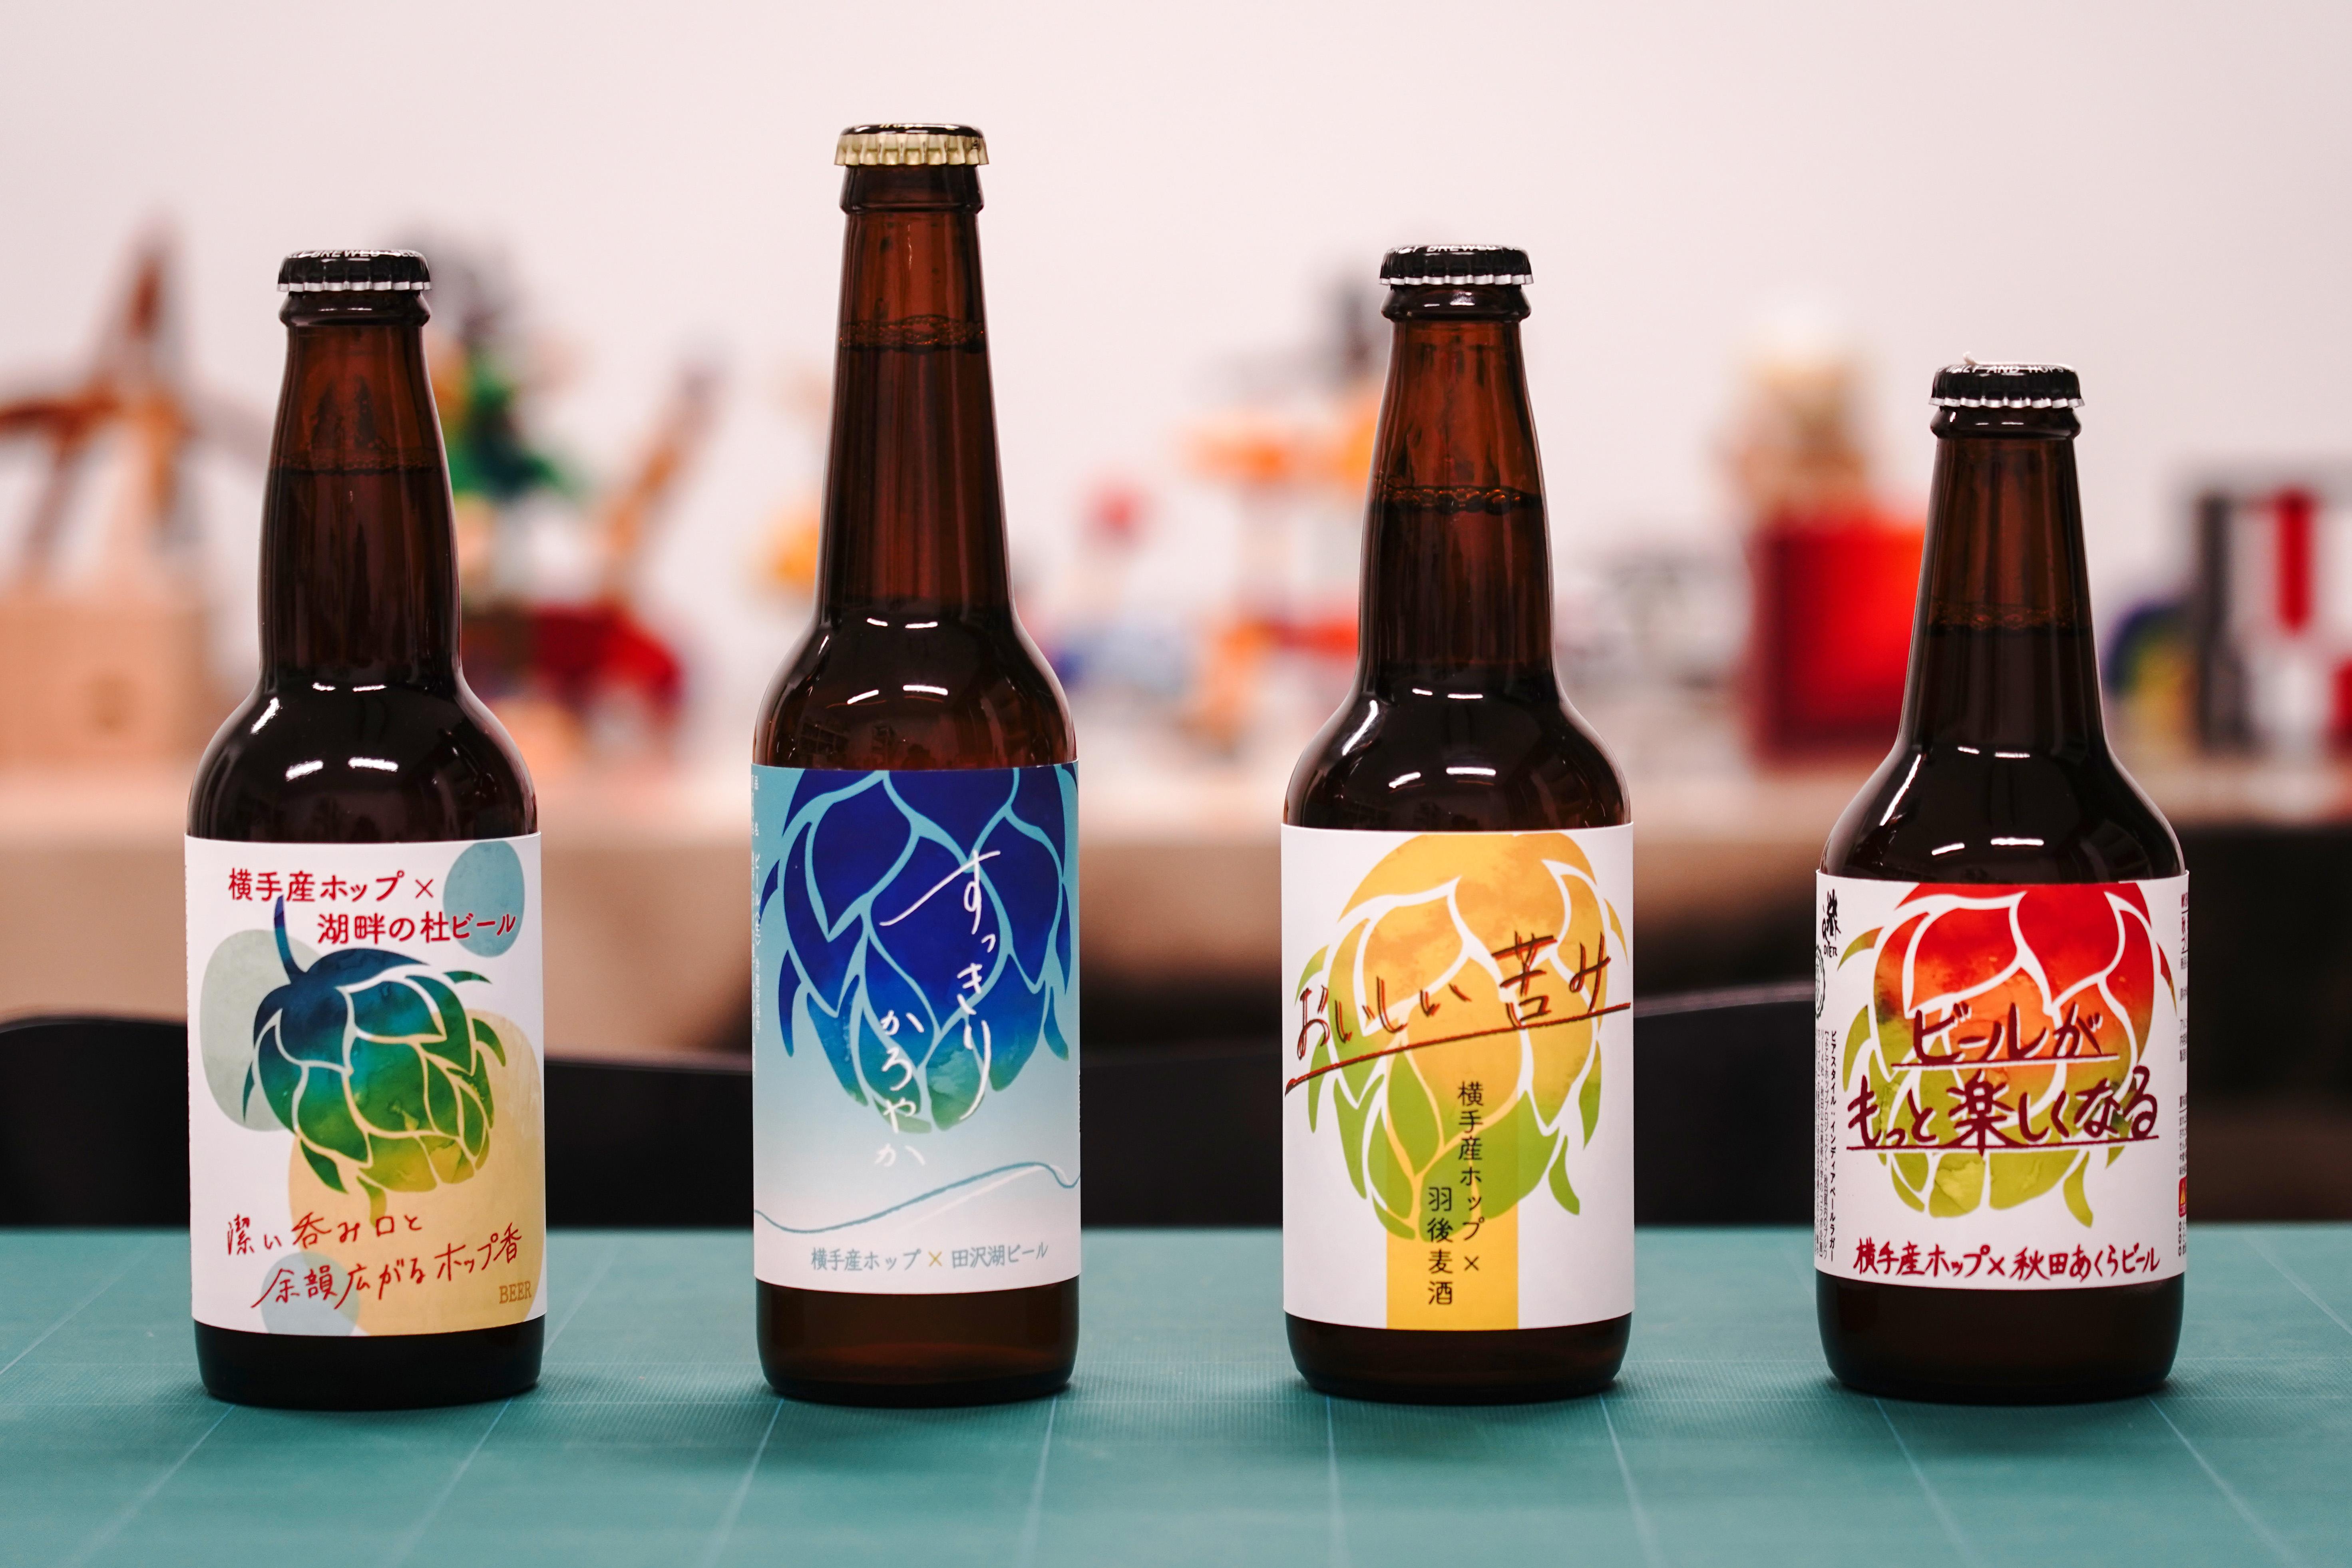 クラフトビールのラベルデザインを秋田公立美術大学の学生が担当